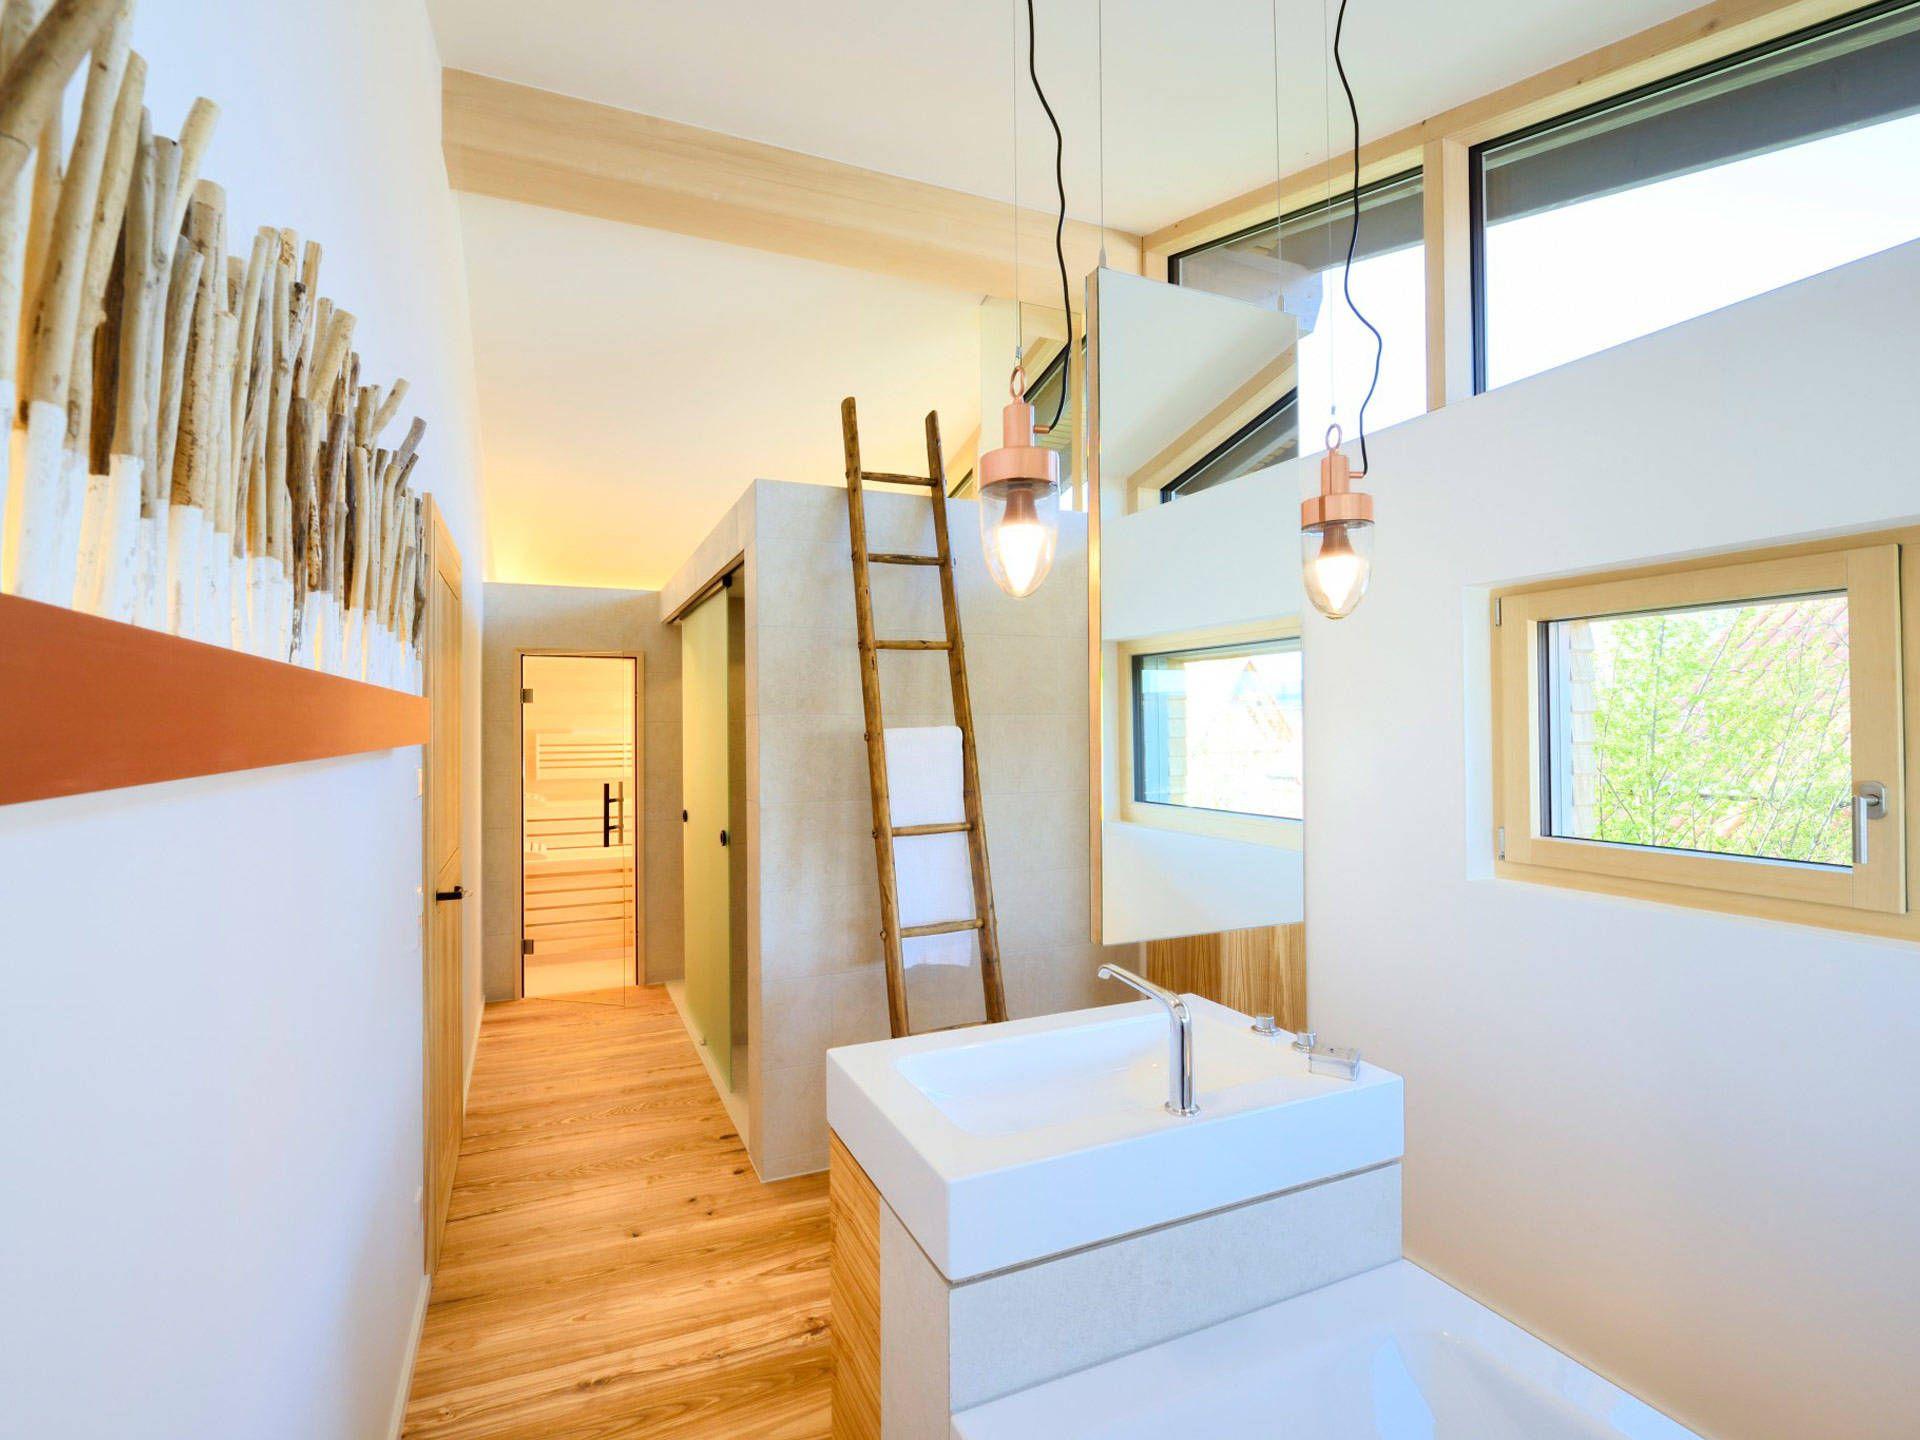 badezimmer im musterhaus alpenchic von baufritz mit traumhaus finden und. Black Bedroom Furniture Sets. Home Design Ideas